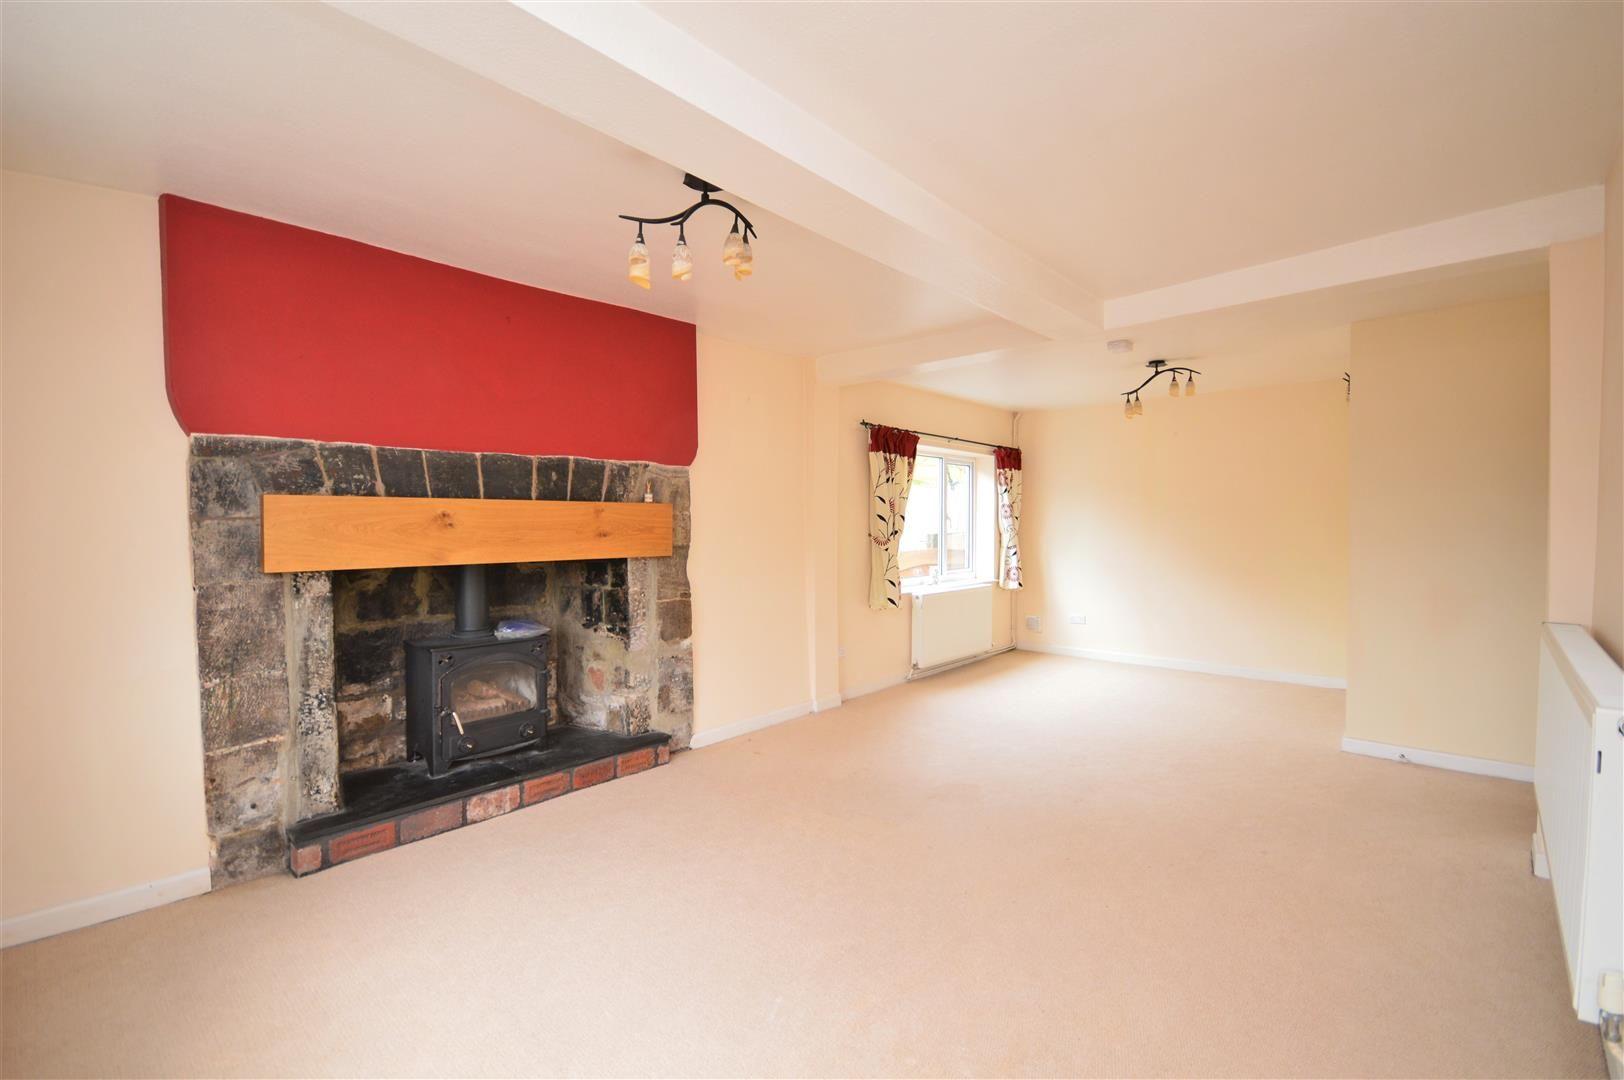 4 bed detached for sale in Tillington  - Property Image 6